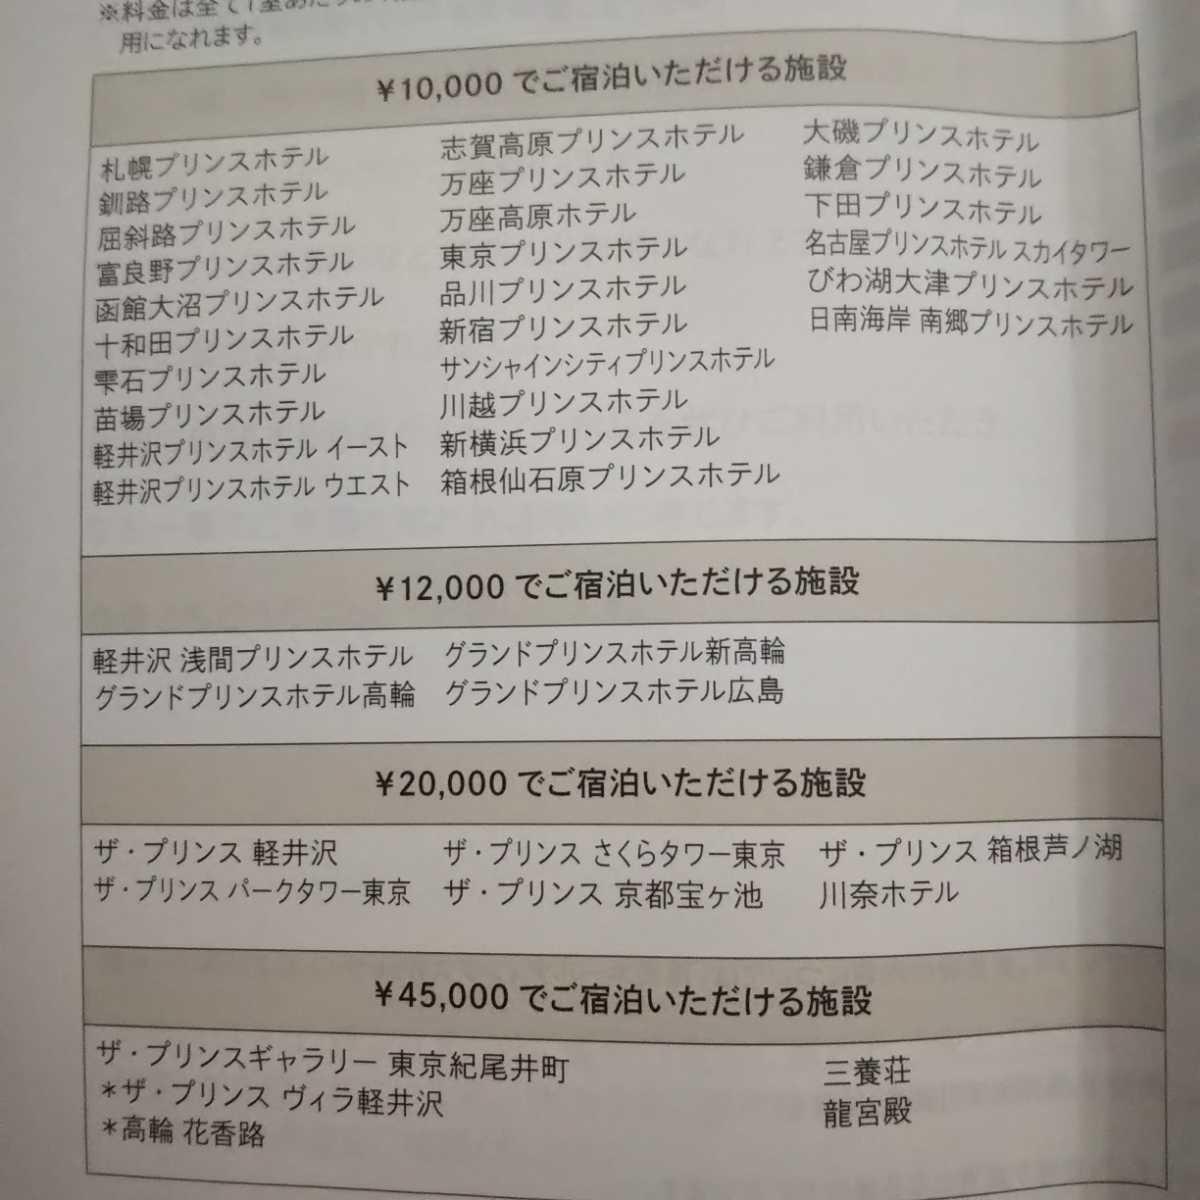 プリンスホテル 特別ご優待プラン利用券 【1枚】 西武HD 株主優待券 _画像2